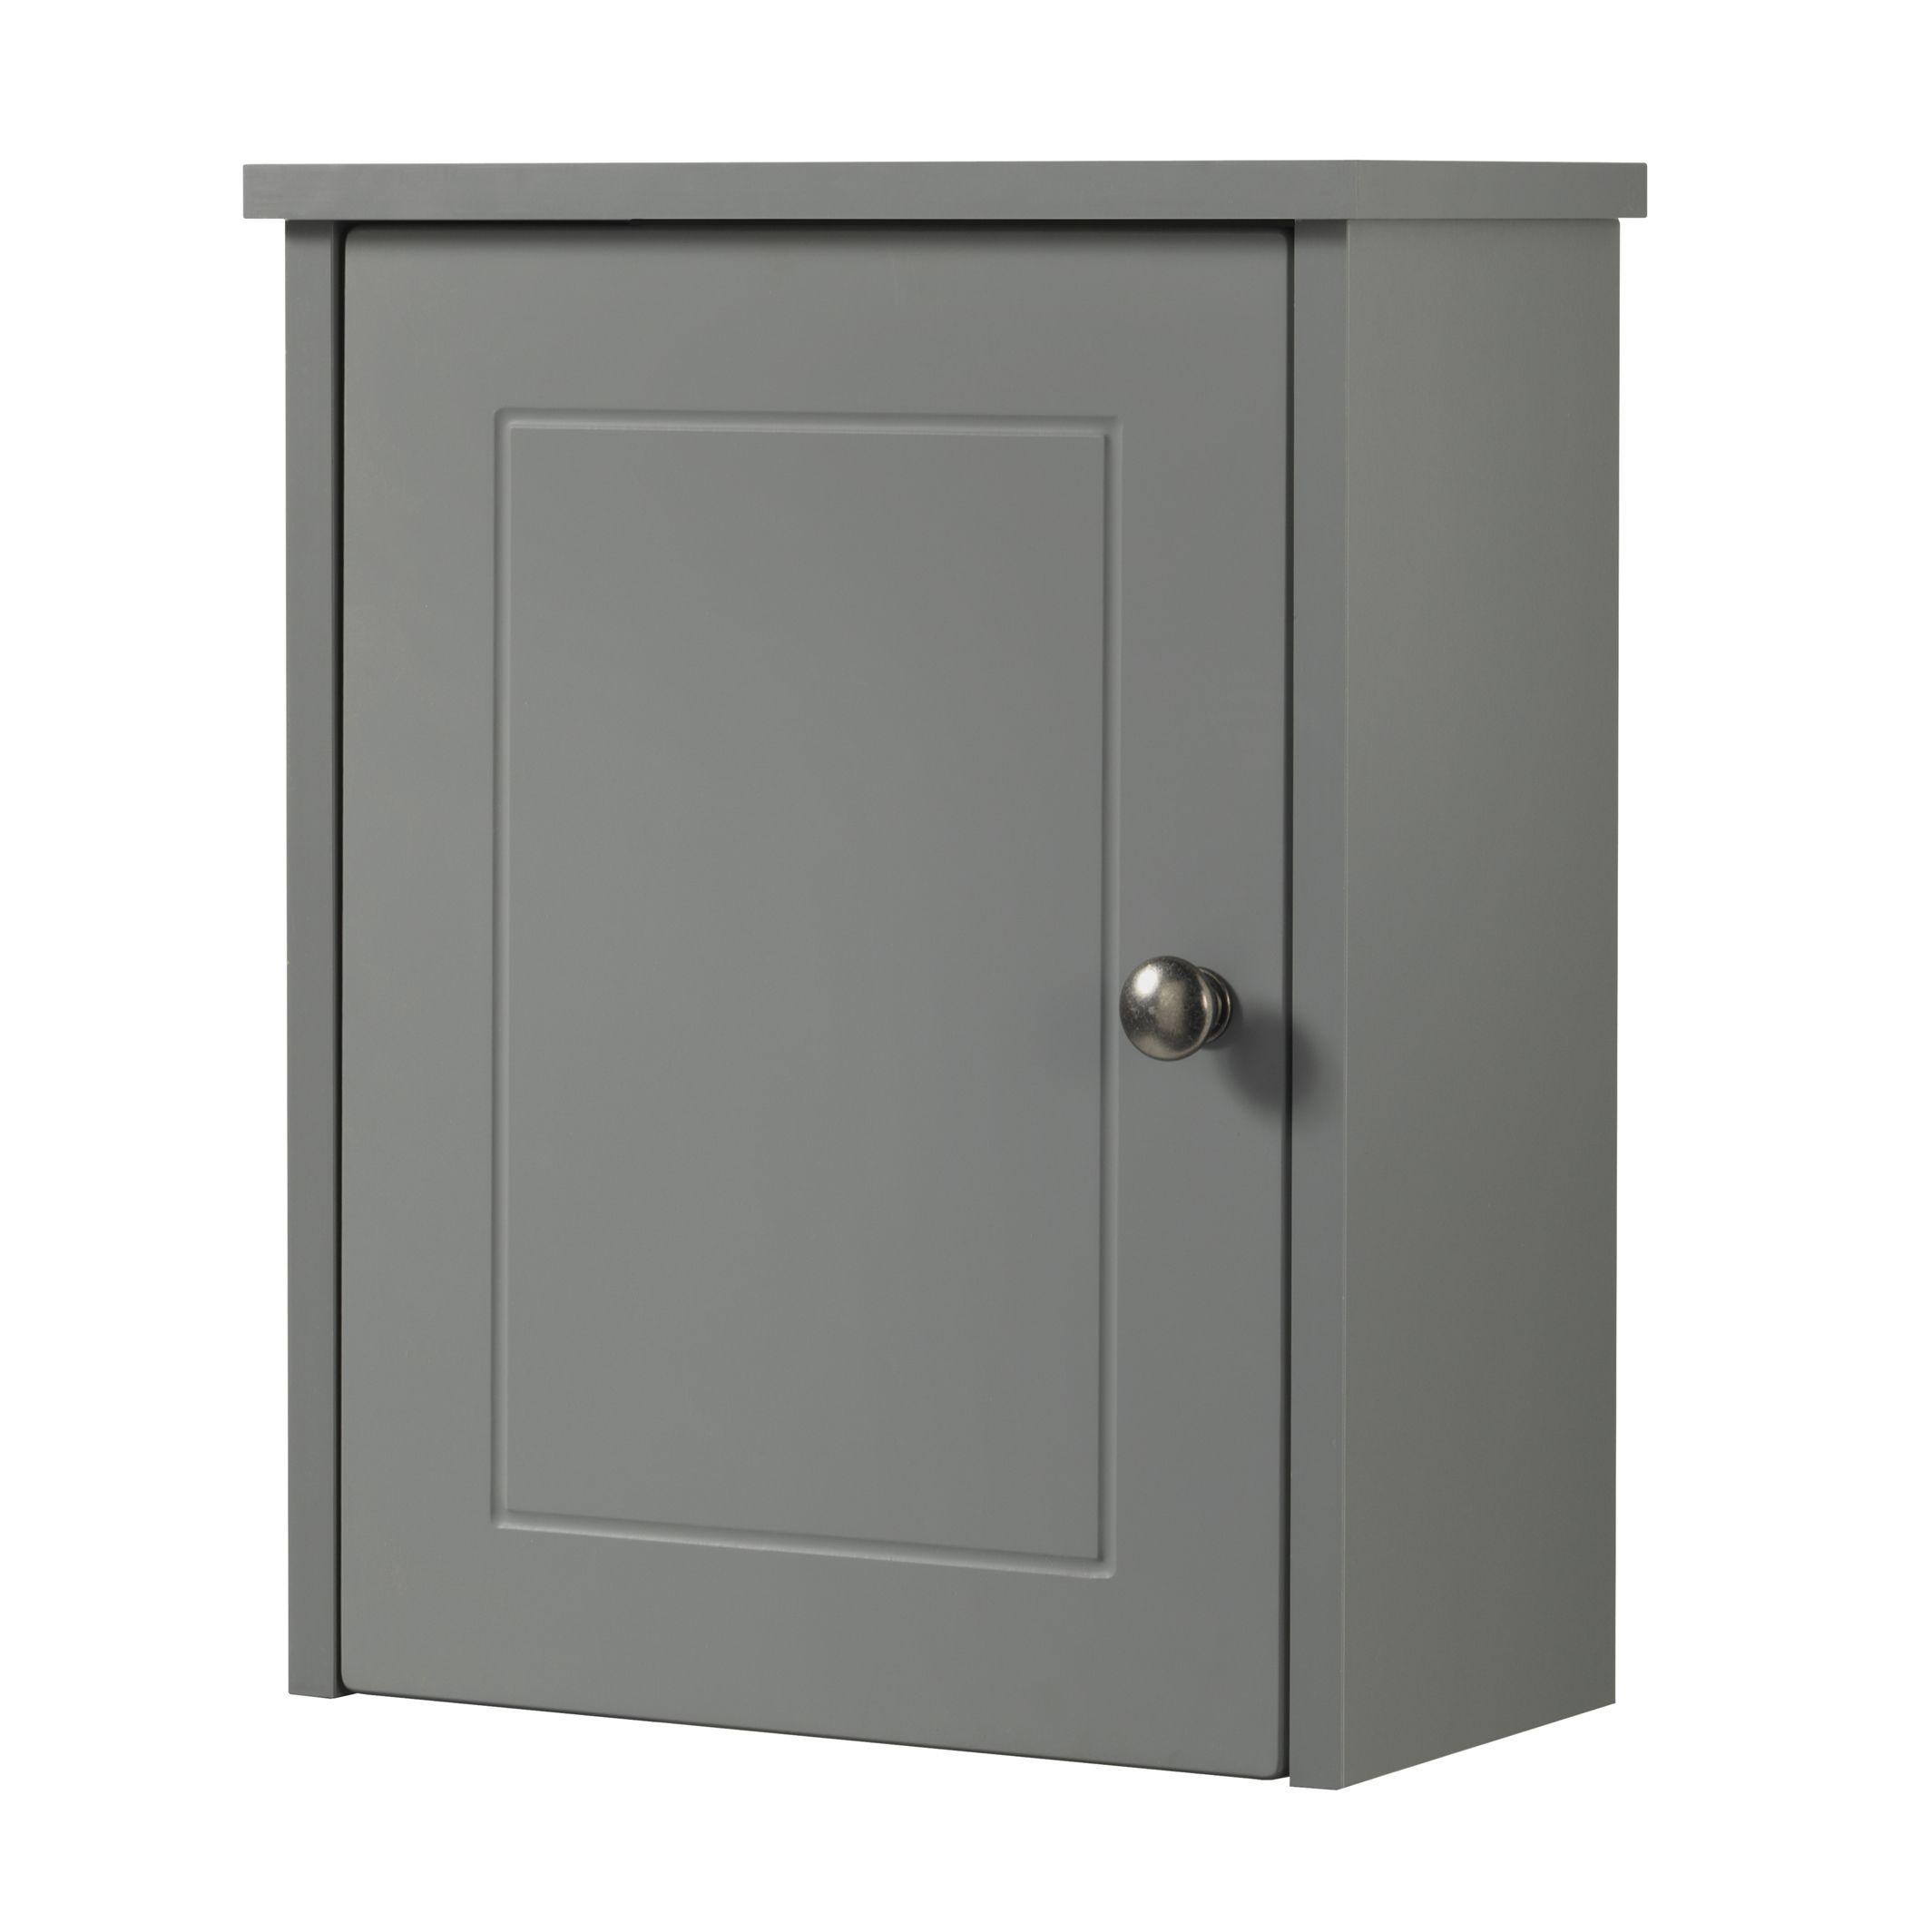 Cooke & Lewis Rhone Single Door Grey Matt Small Wall Cabinet